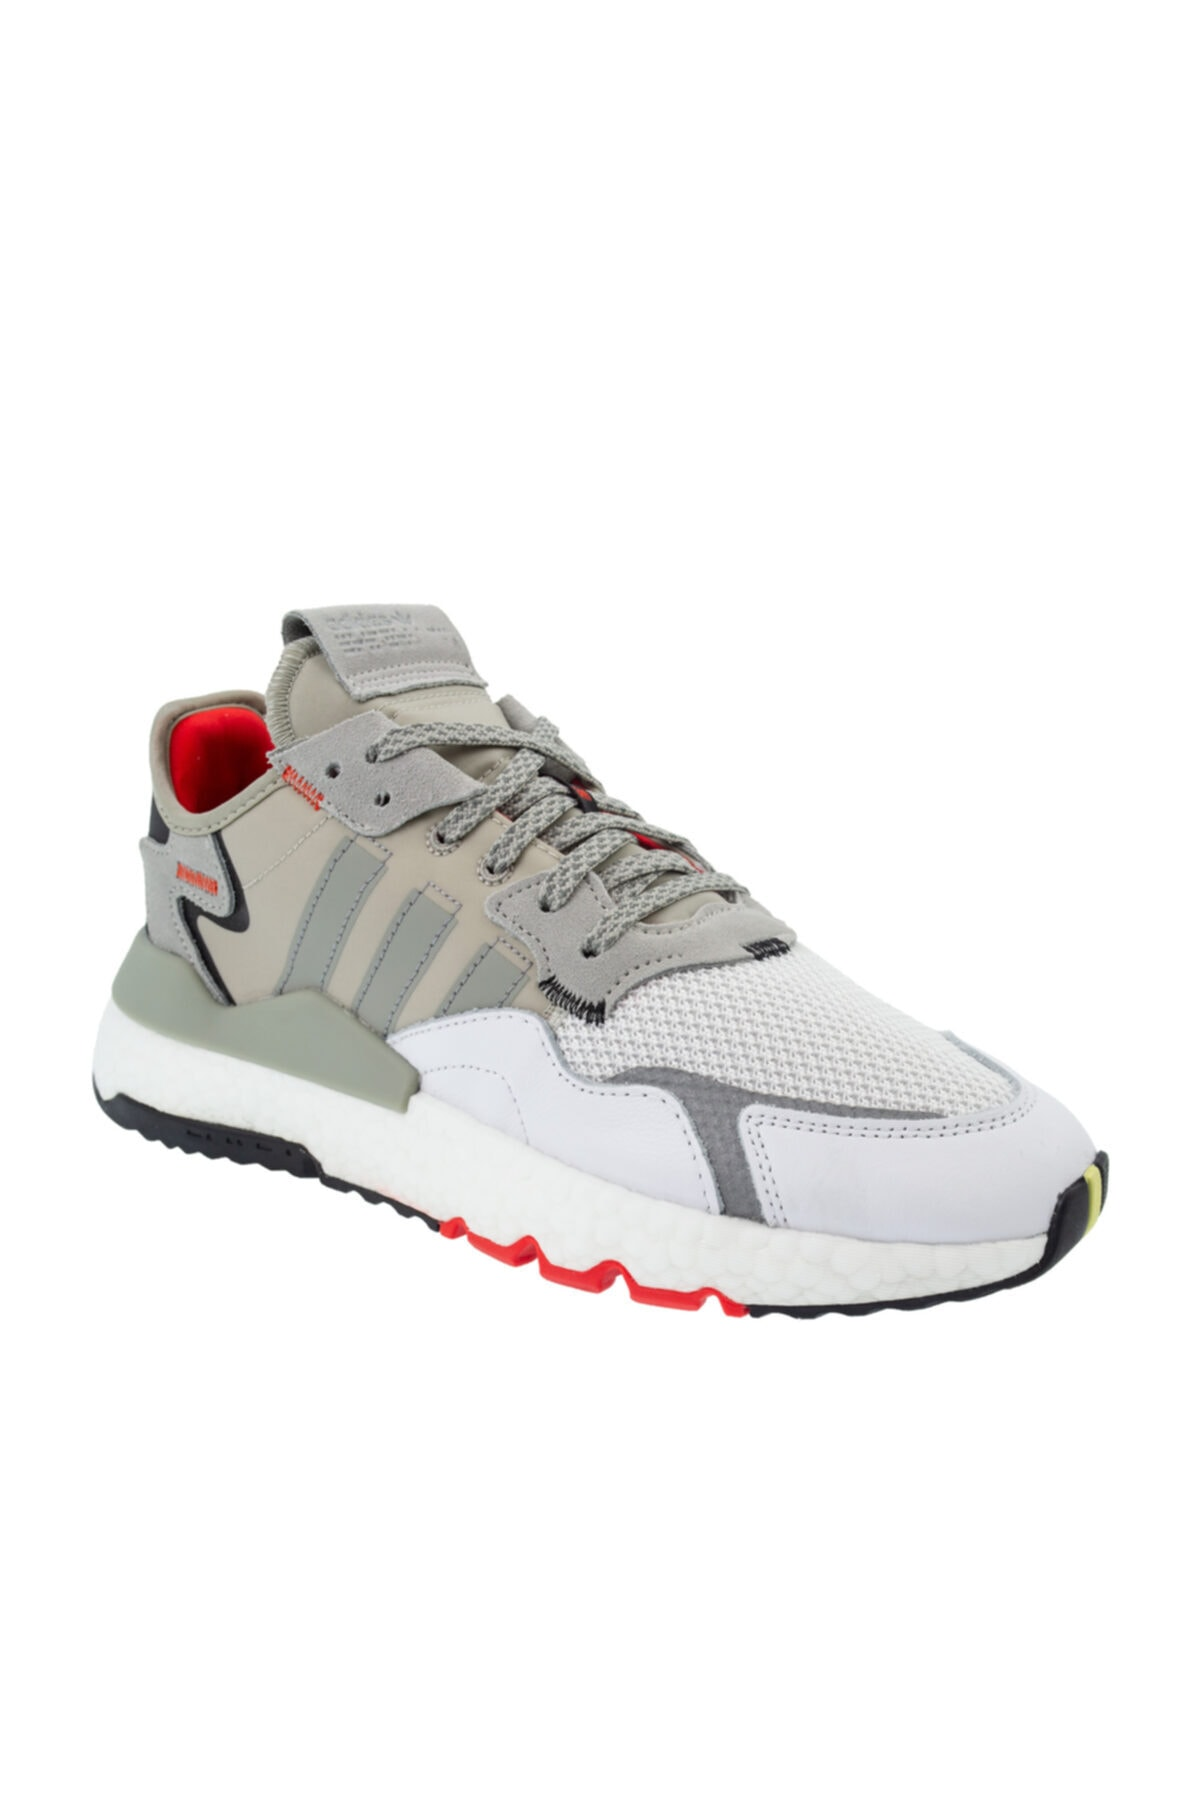 adidas Erkek Gri Bağcıklı Spor Ayakkabı ef5409 1